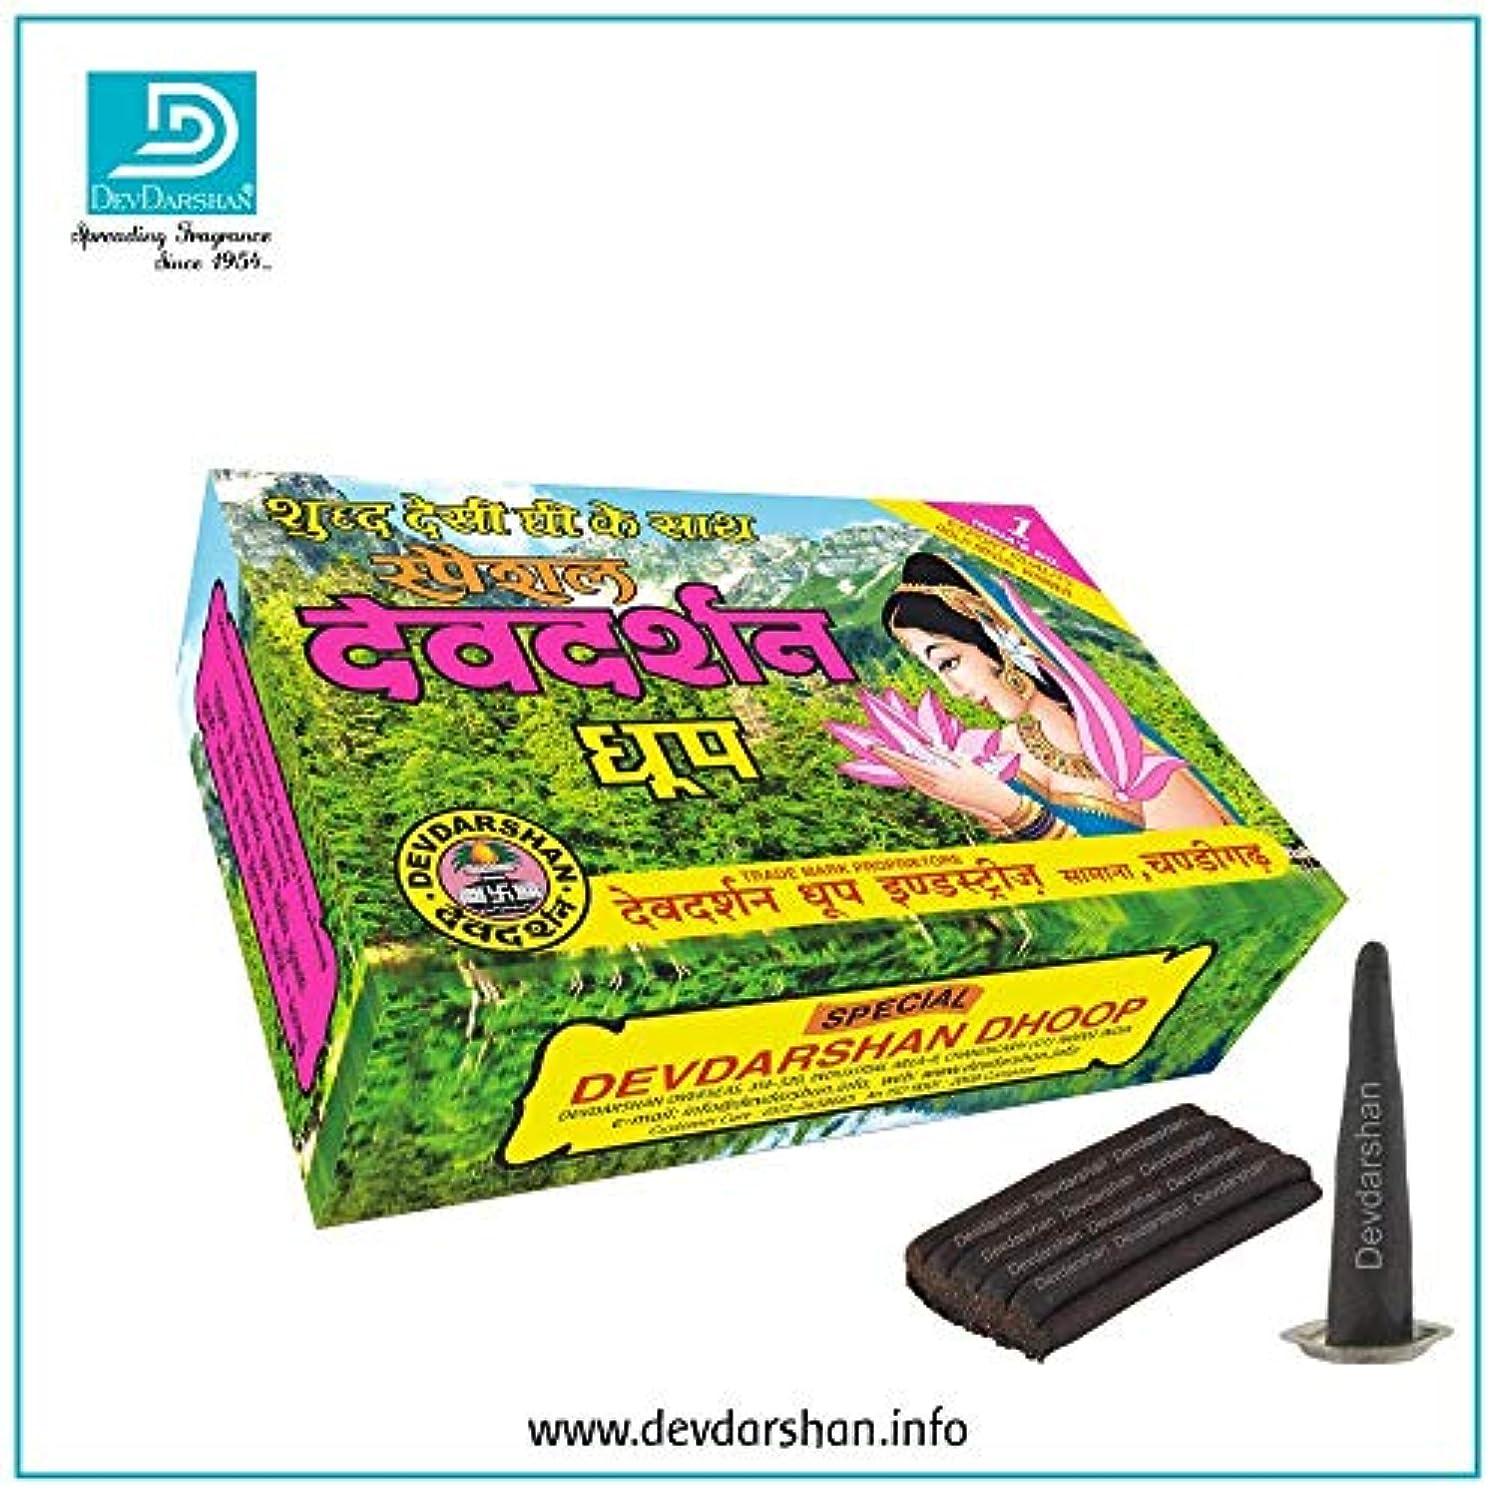 焼く乱気流主にDevdarshan Special Dhoop Large, 50g in Each Unit (Pack of 12 Units)